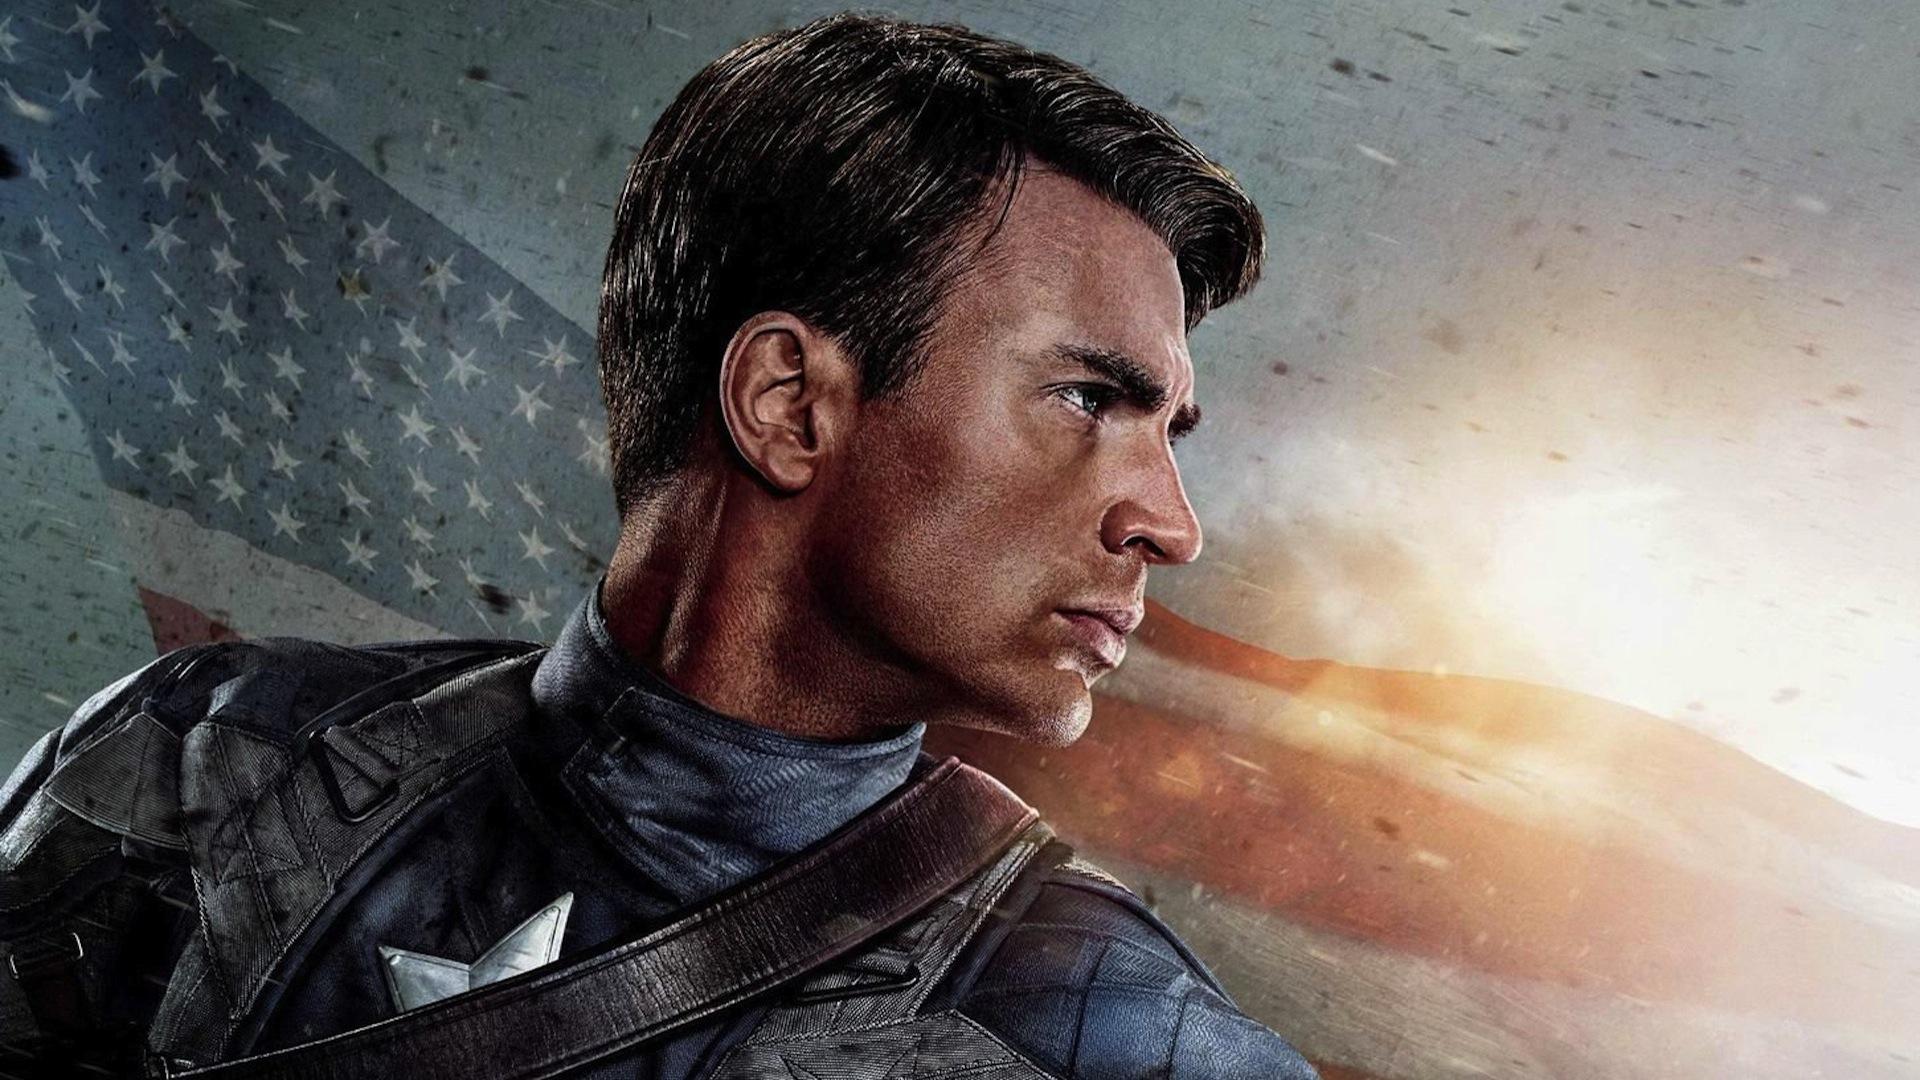 '어벤져스: 엔드게임' 개봉을 3일 앞둔 지금, 영화에 대한 소문과 추측이 난무한 가운데,  캡틴 아메리카의 죽음에 관한 흥미로운 가설을 소개한다.